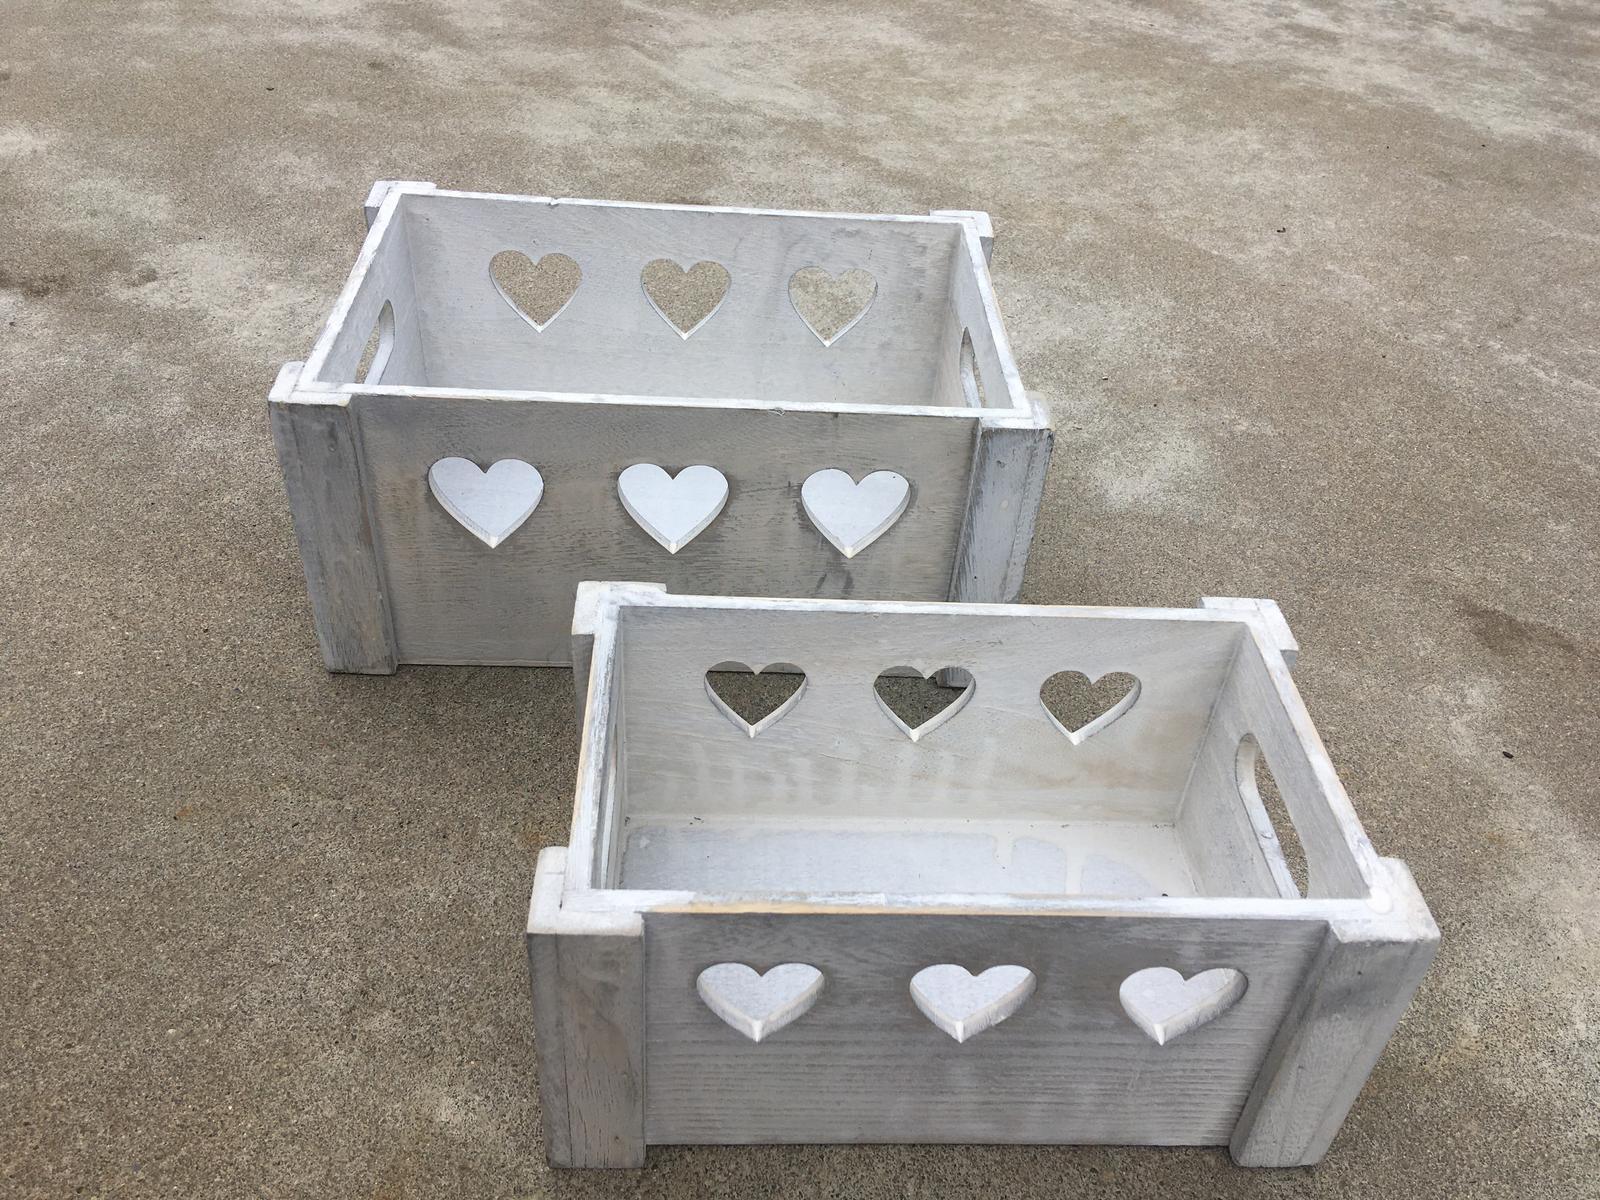 Bílé dřevěné bedýnky s motivem srdce - Obrázek č. 1